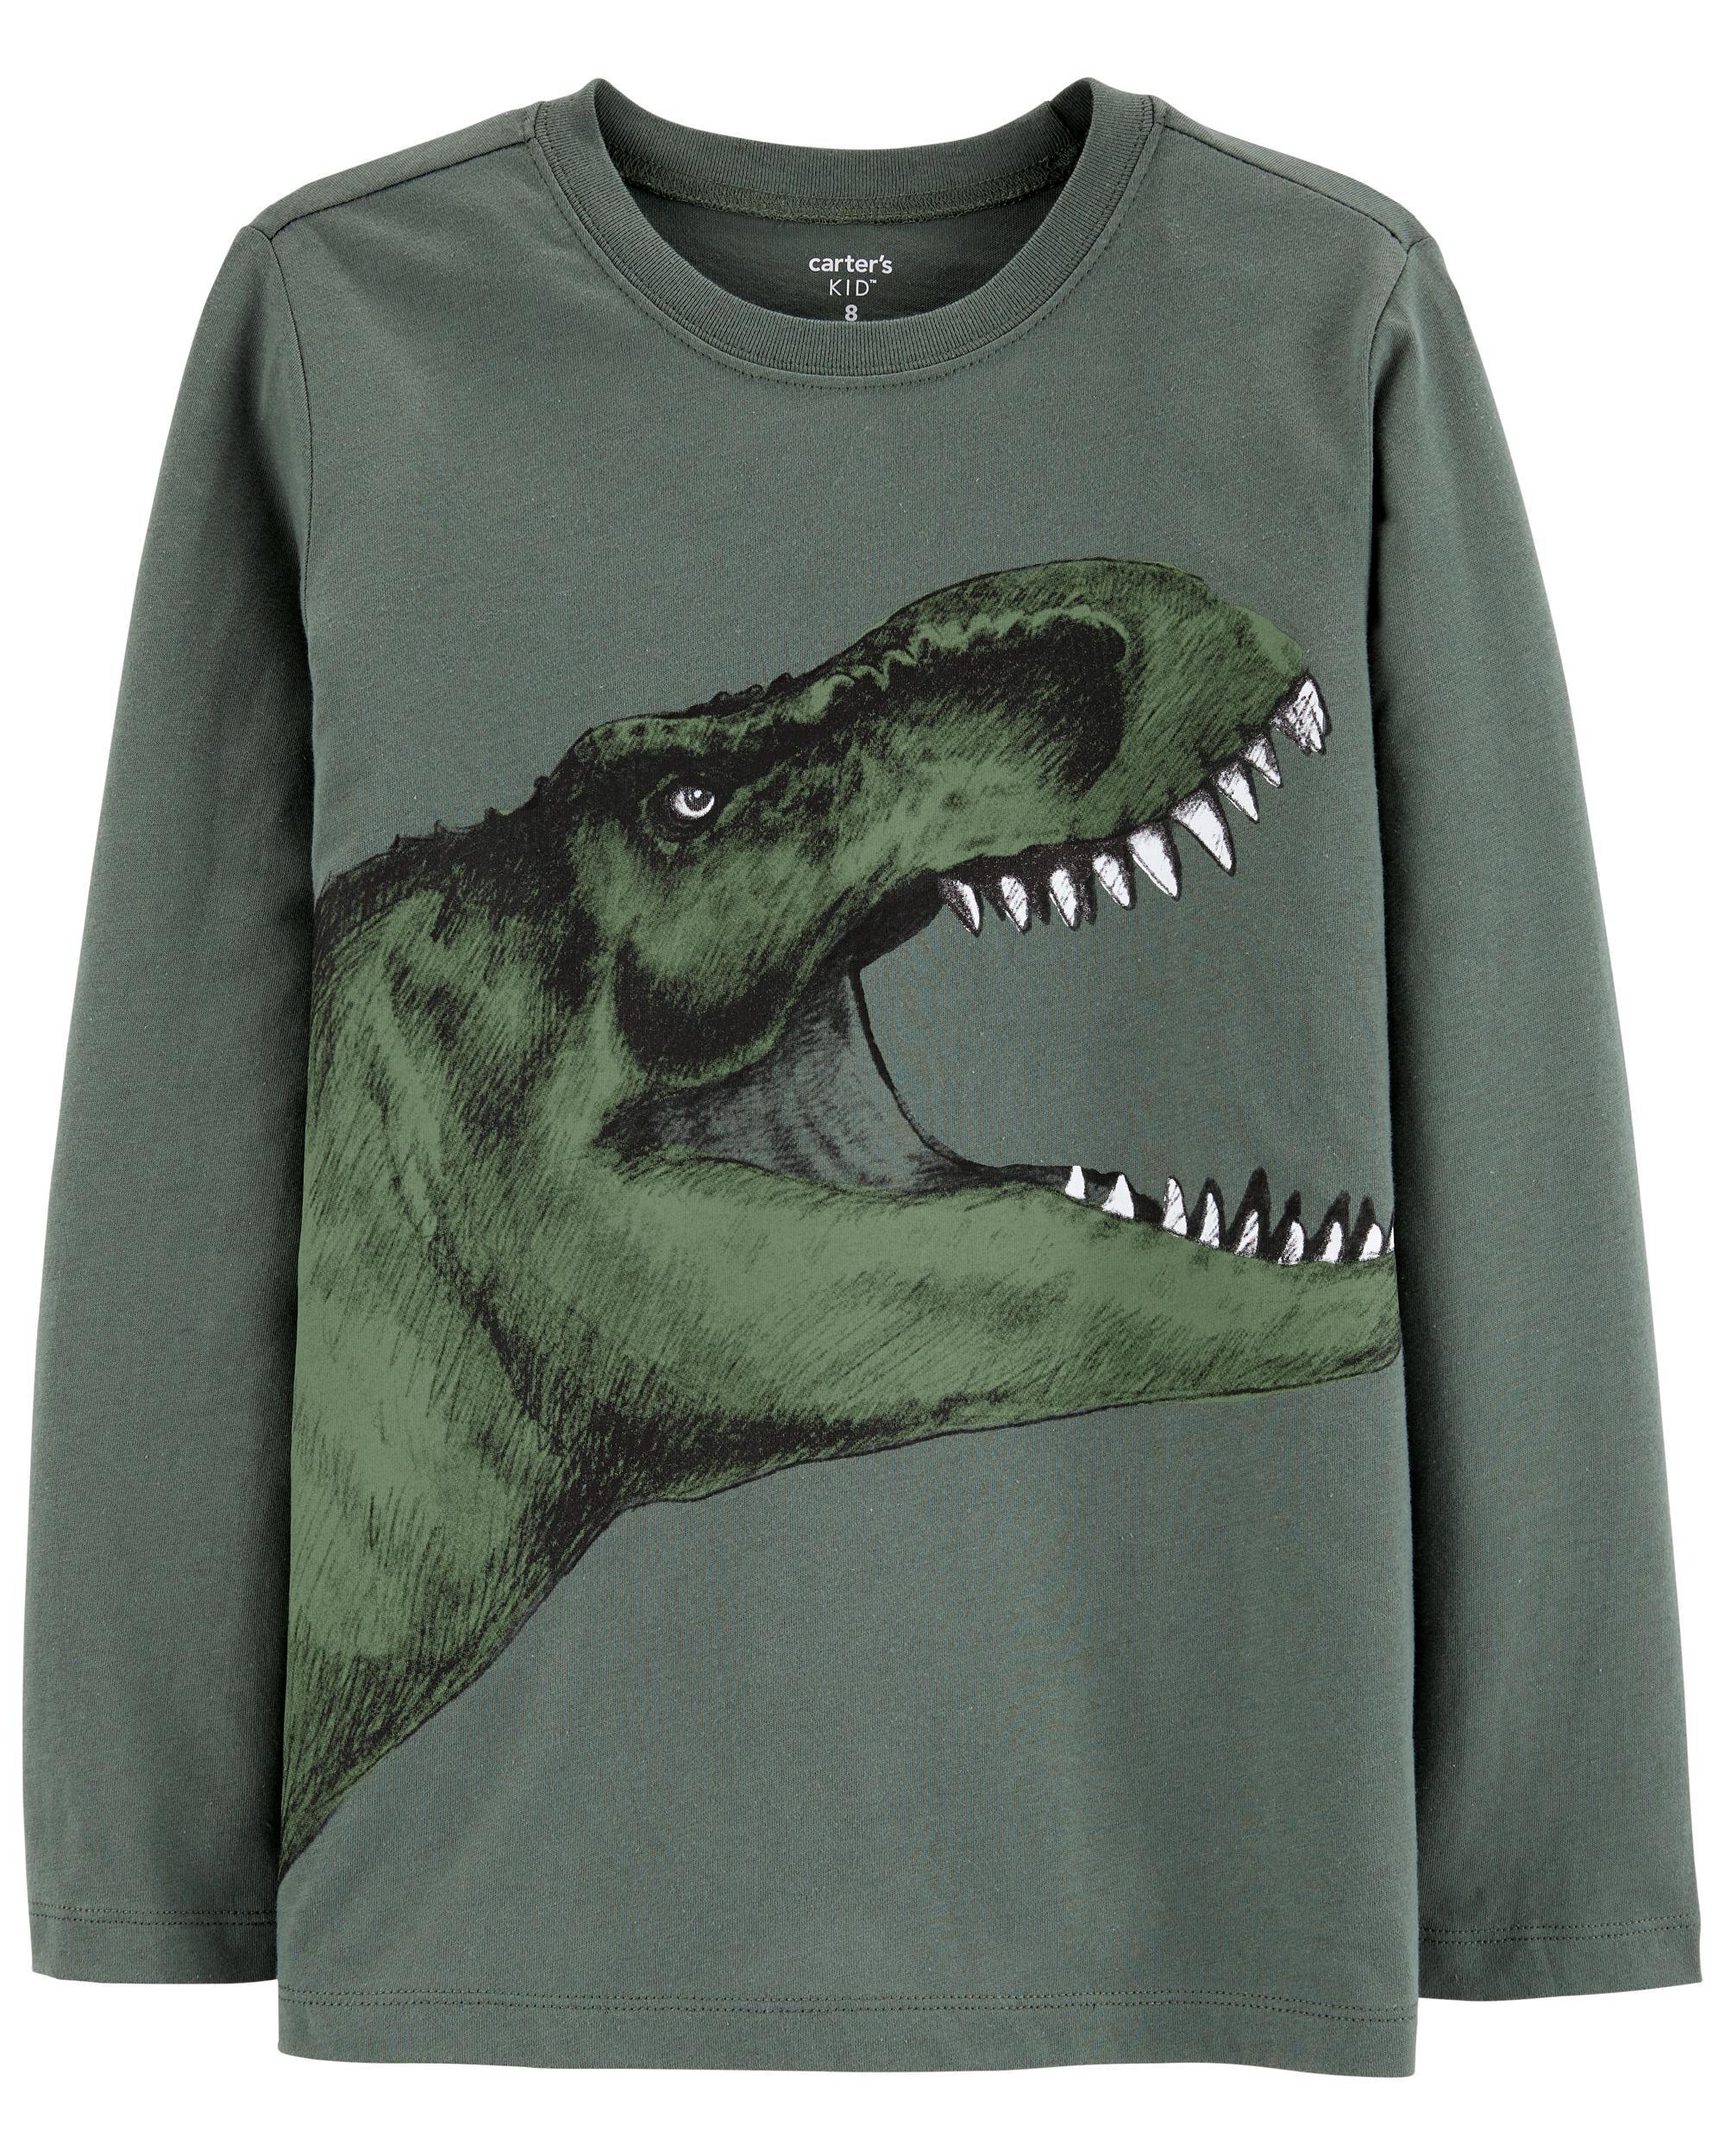 *DOORBUSTER*Dinosaur Jersey Tee